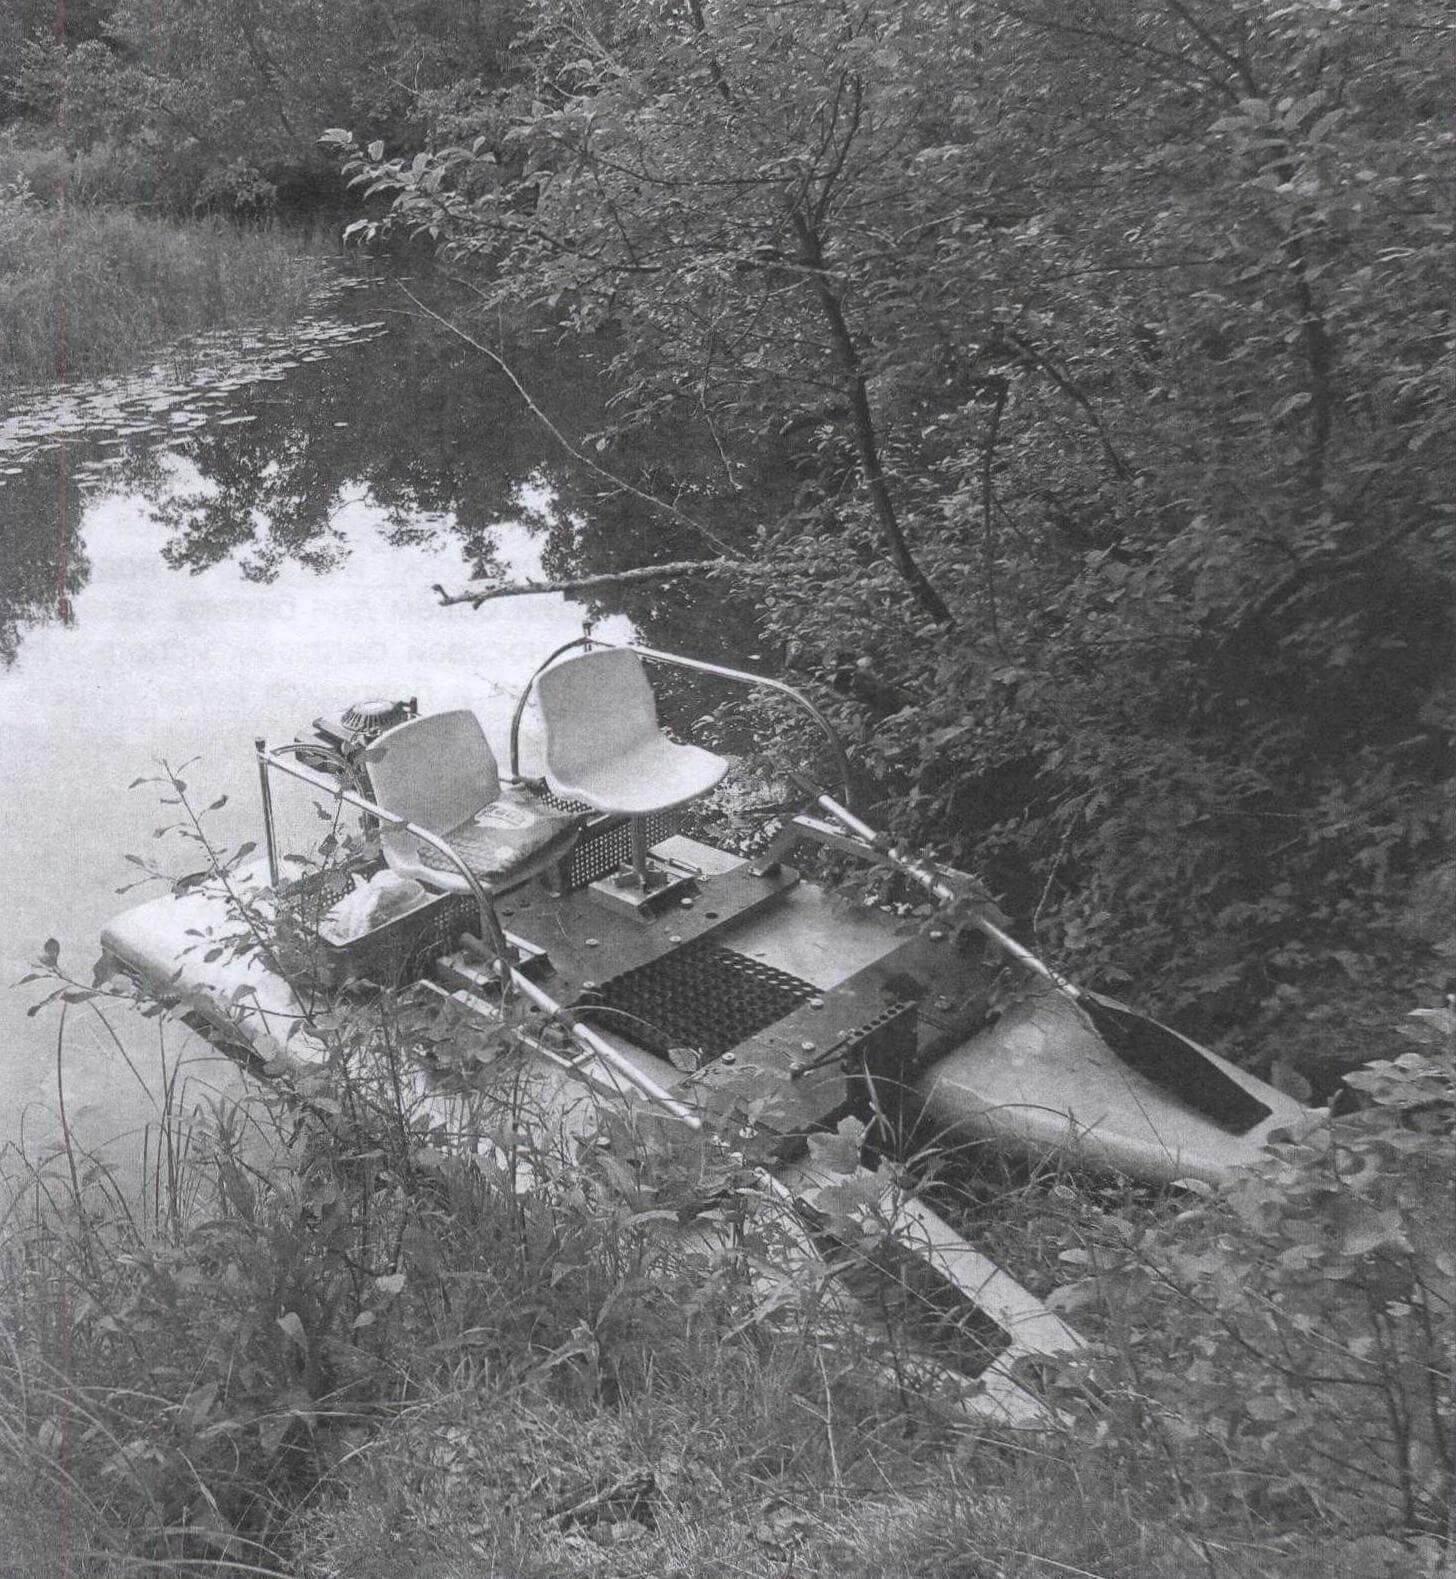 Река Червонка - приток волжской Медведицы. На таких небольших заросших водоемах компактный и легкий «болотоход» незаменим!